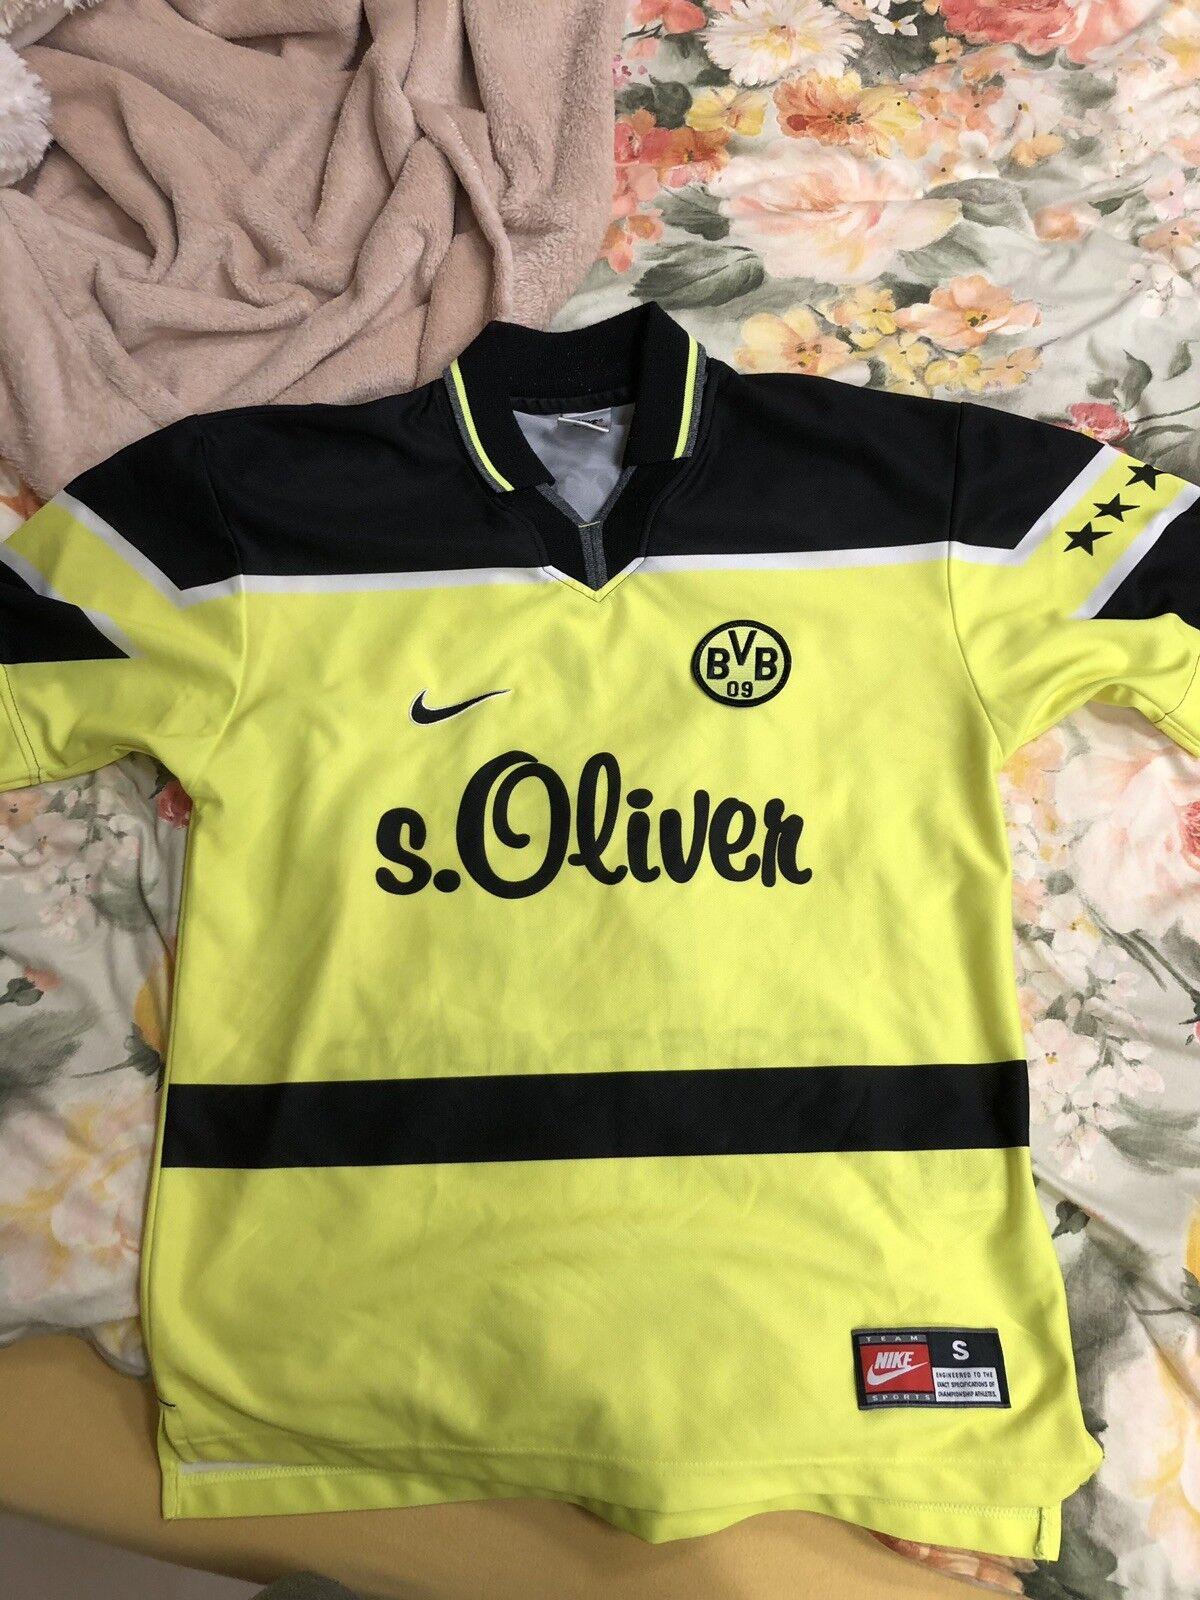 Trikot BVB Borussia Dortmund Soliver S Sousa